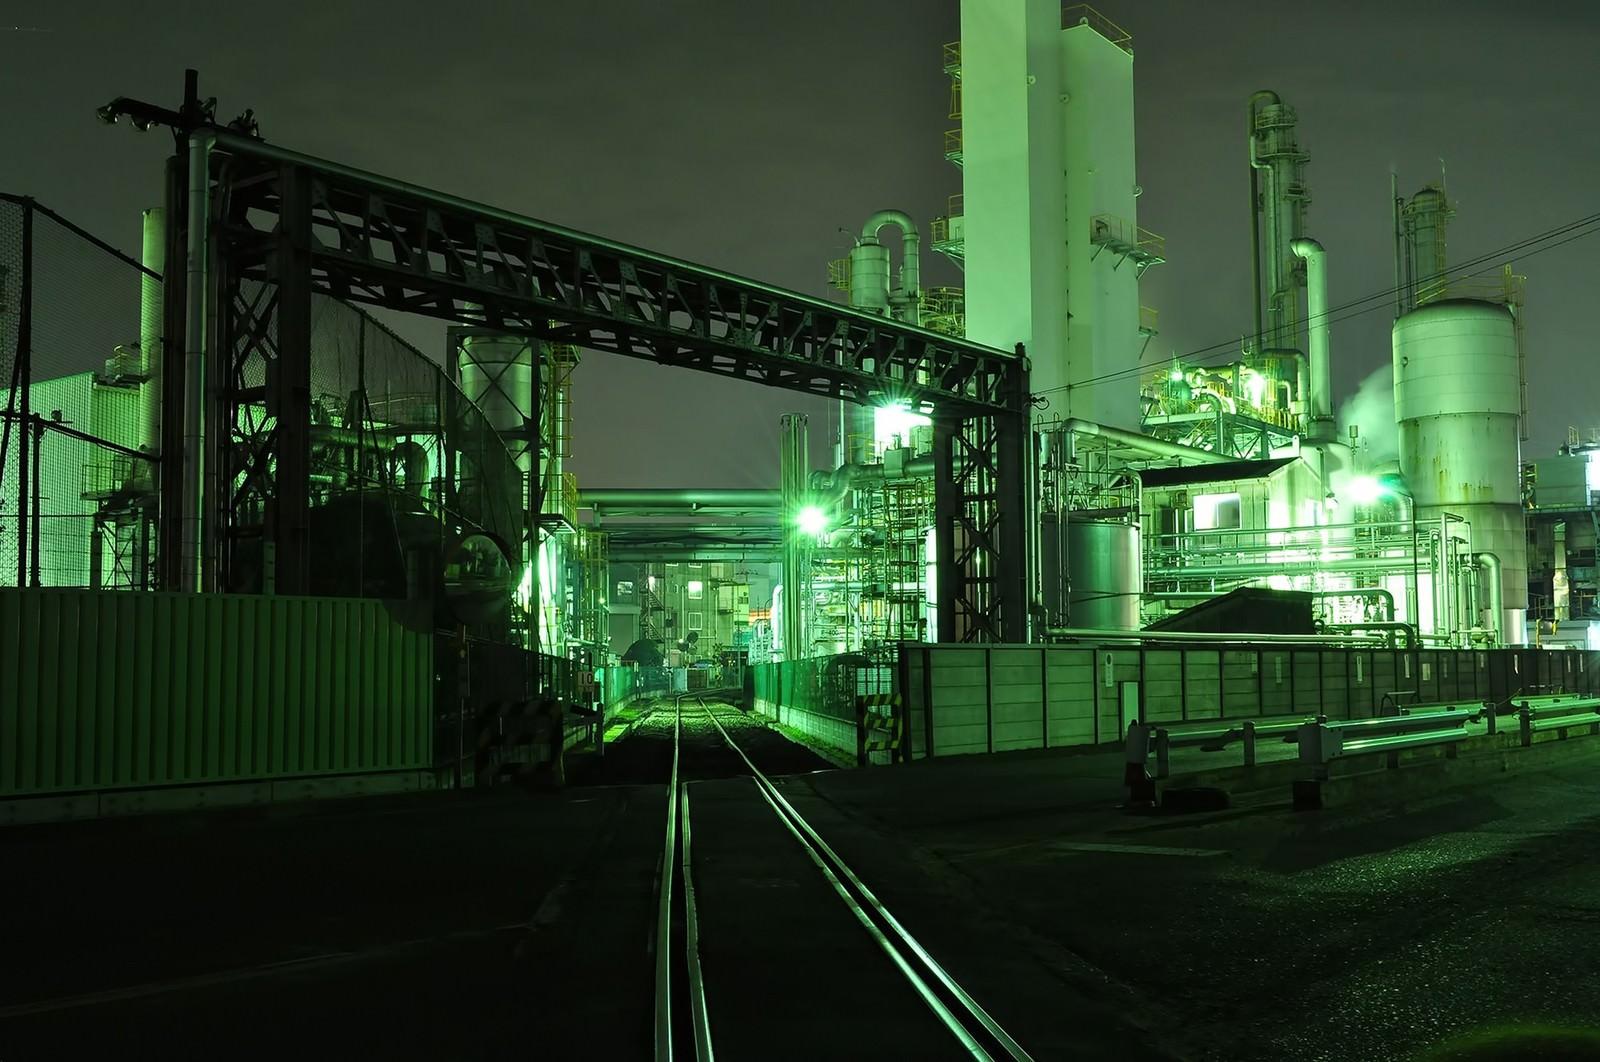 「川崎工業地帯の夜景」の写真